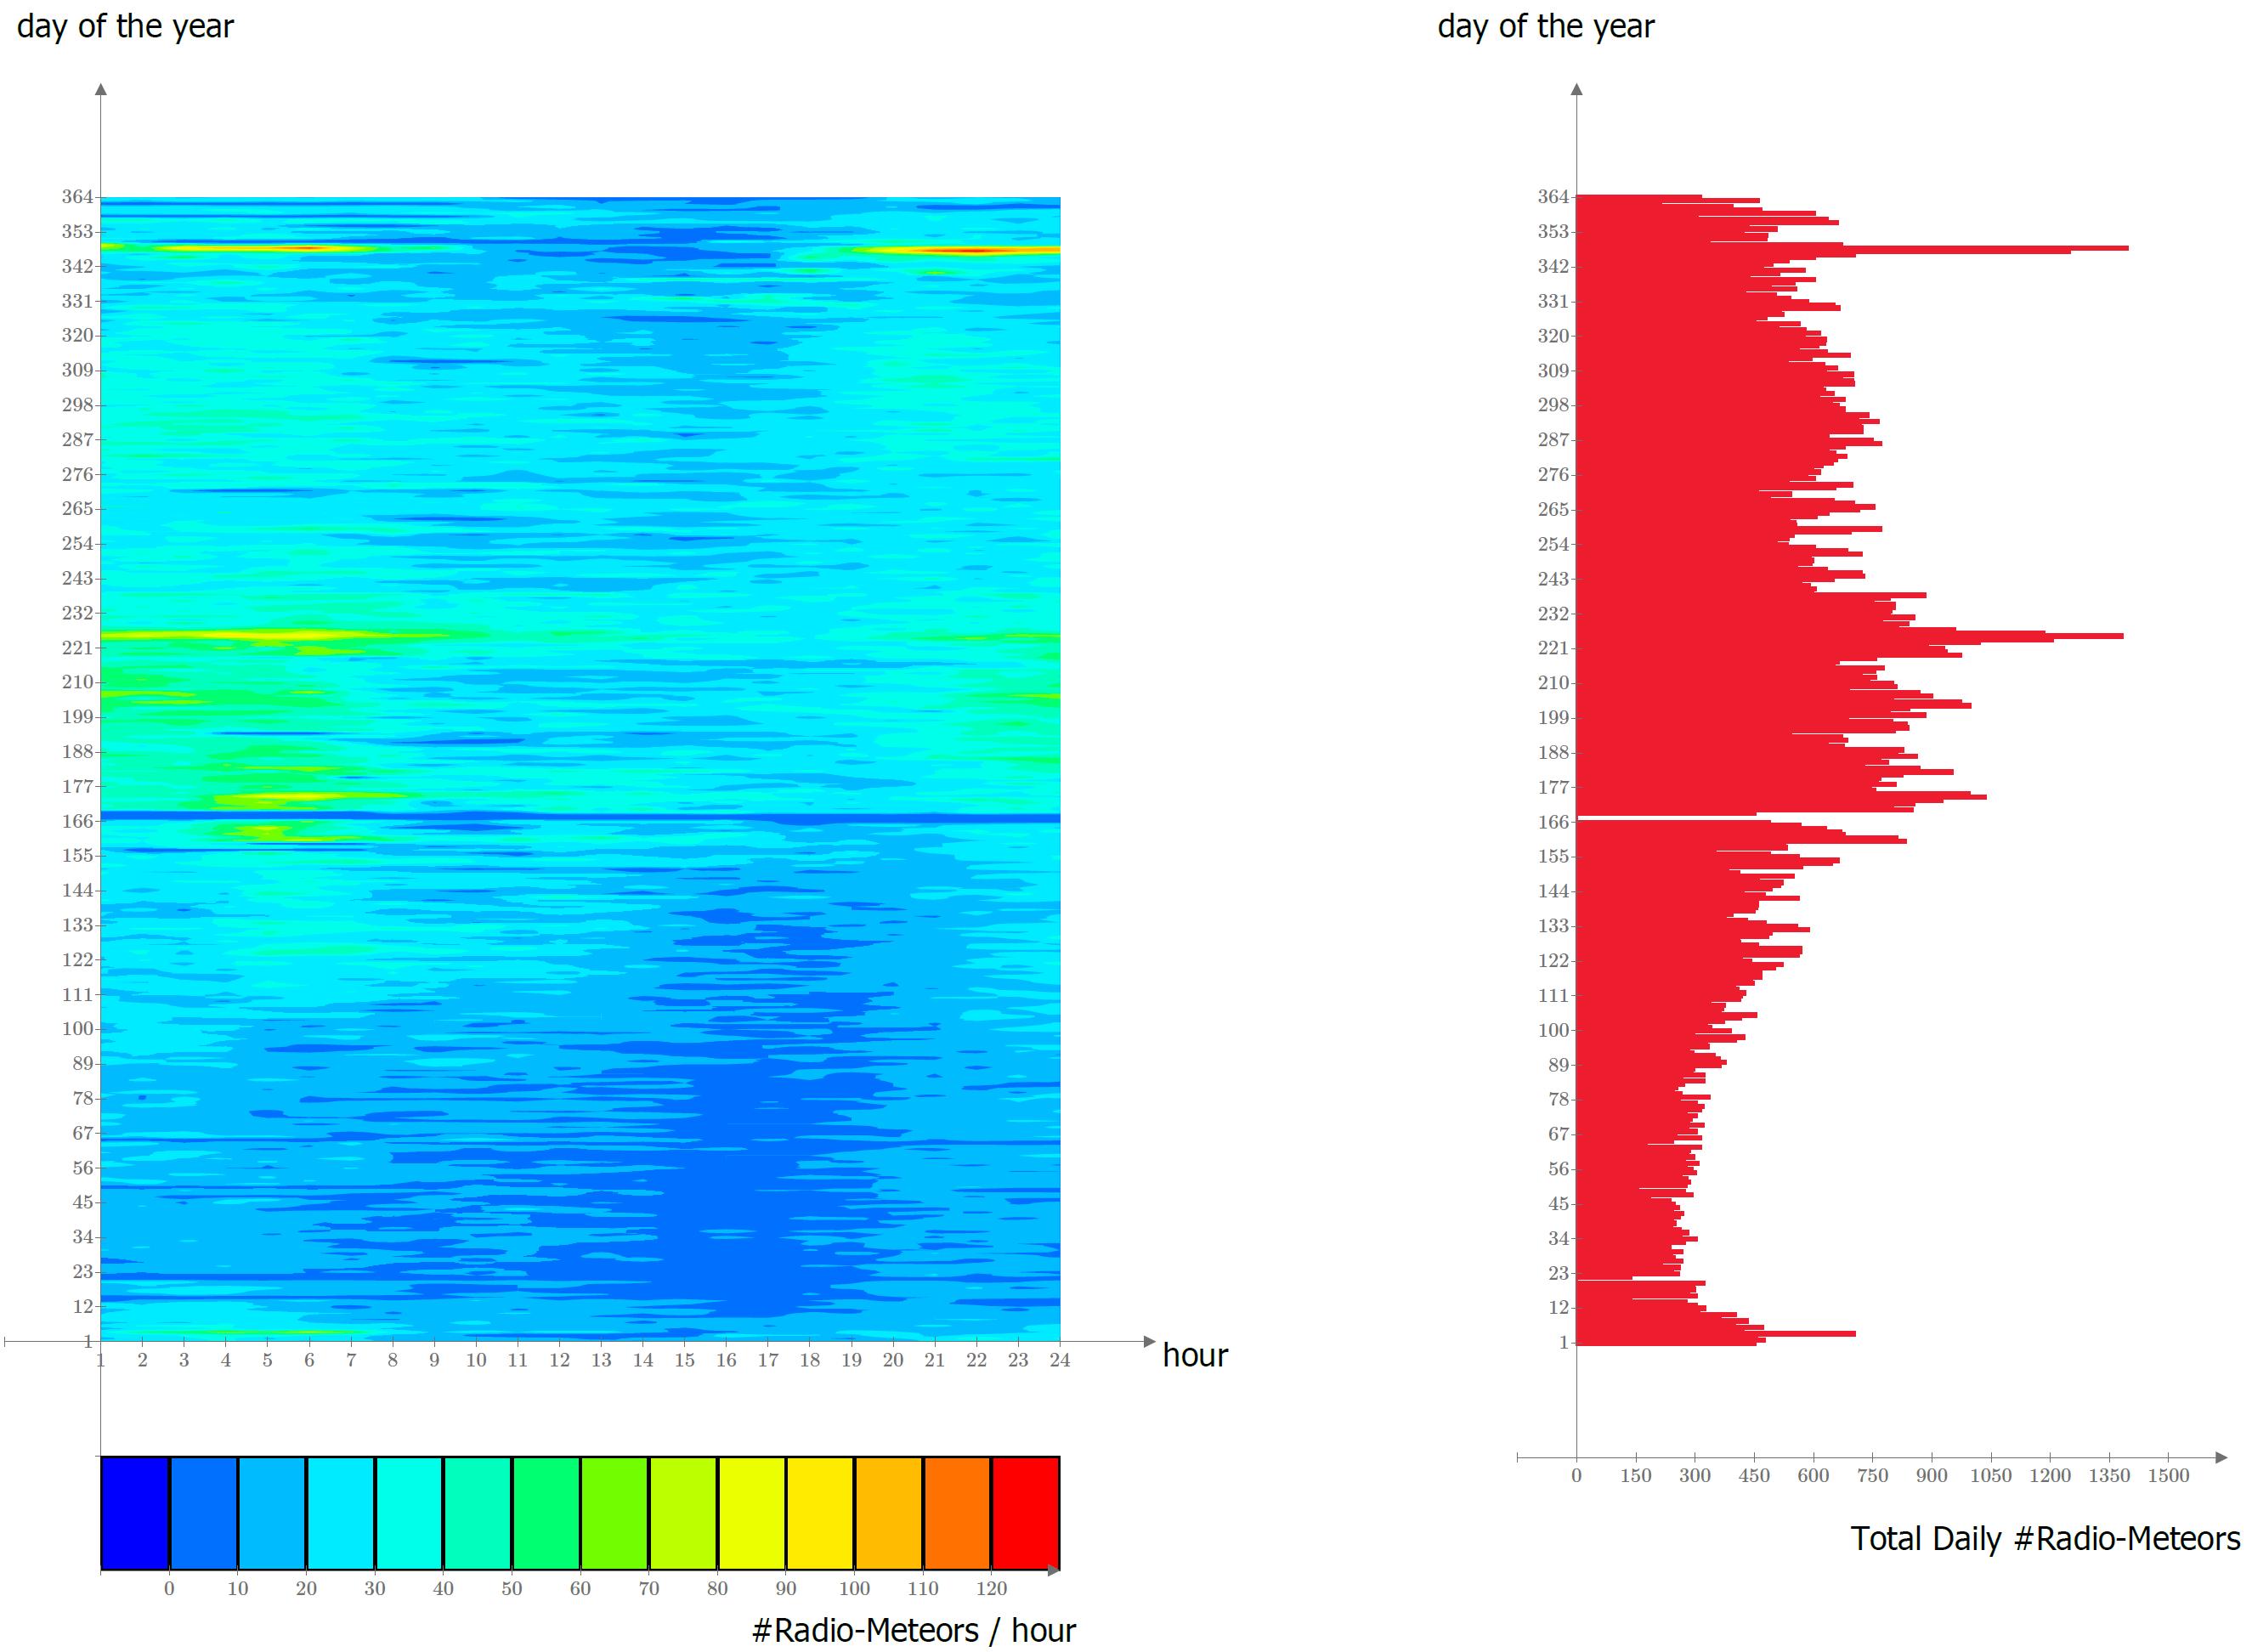 Mappa degli eventi radio-meteorici catturati durante l'anno 2018: l'asse orizzontale riporta l'ora (UTC) del giorno, l'asse verticale il numero di eventi catturati ogni ora. Si notano i picchi corrispondenti ai principali sciami annuali.